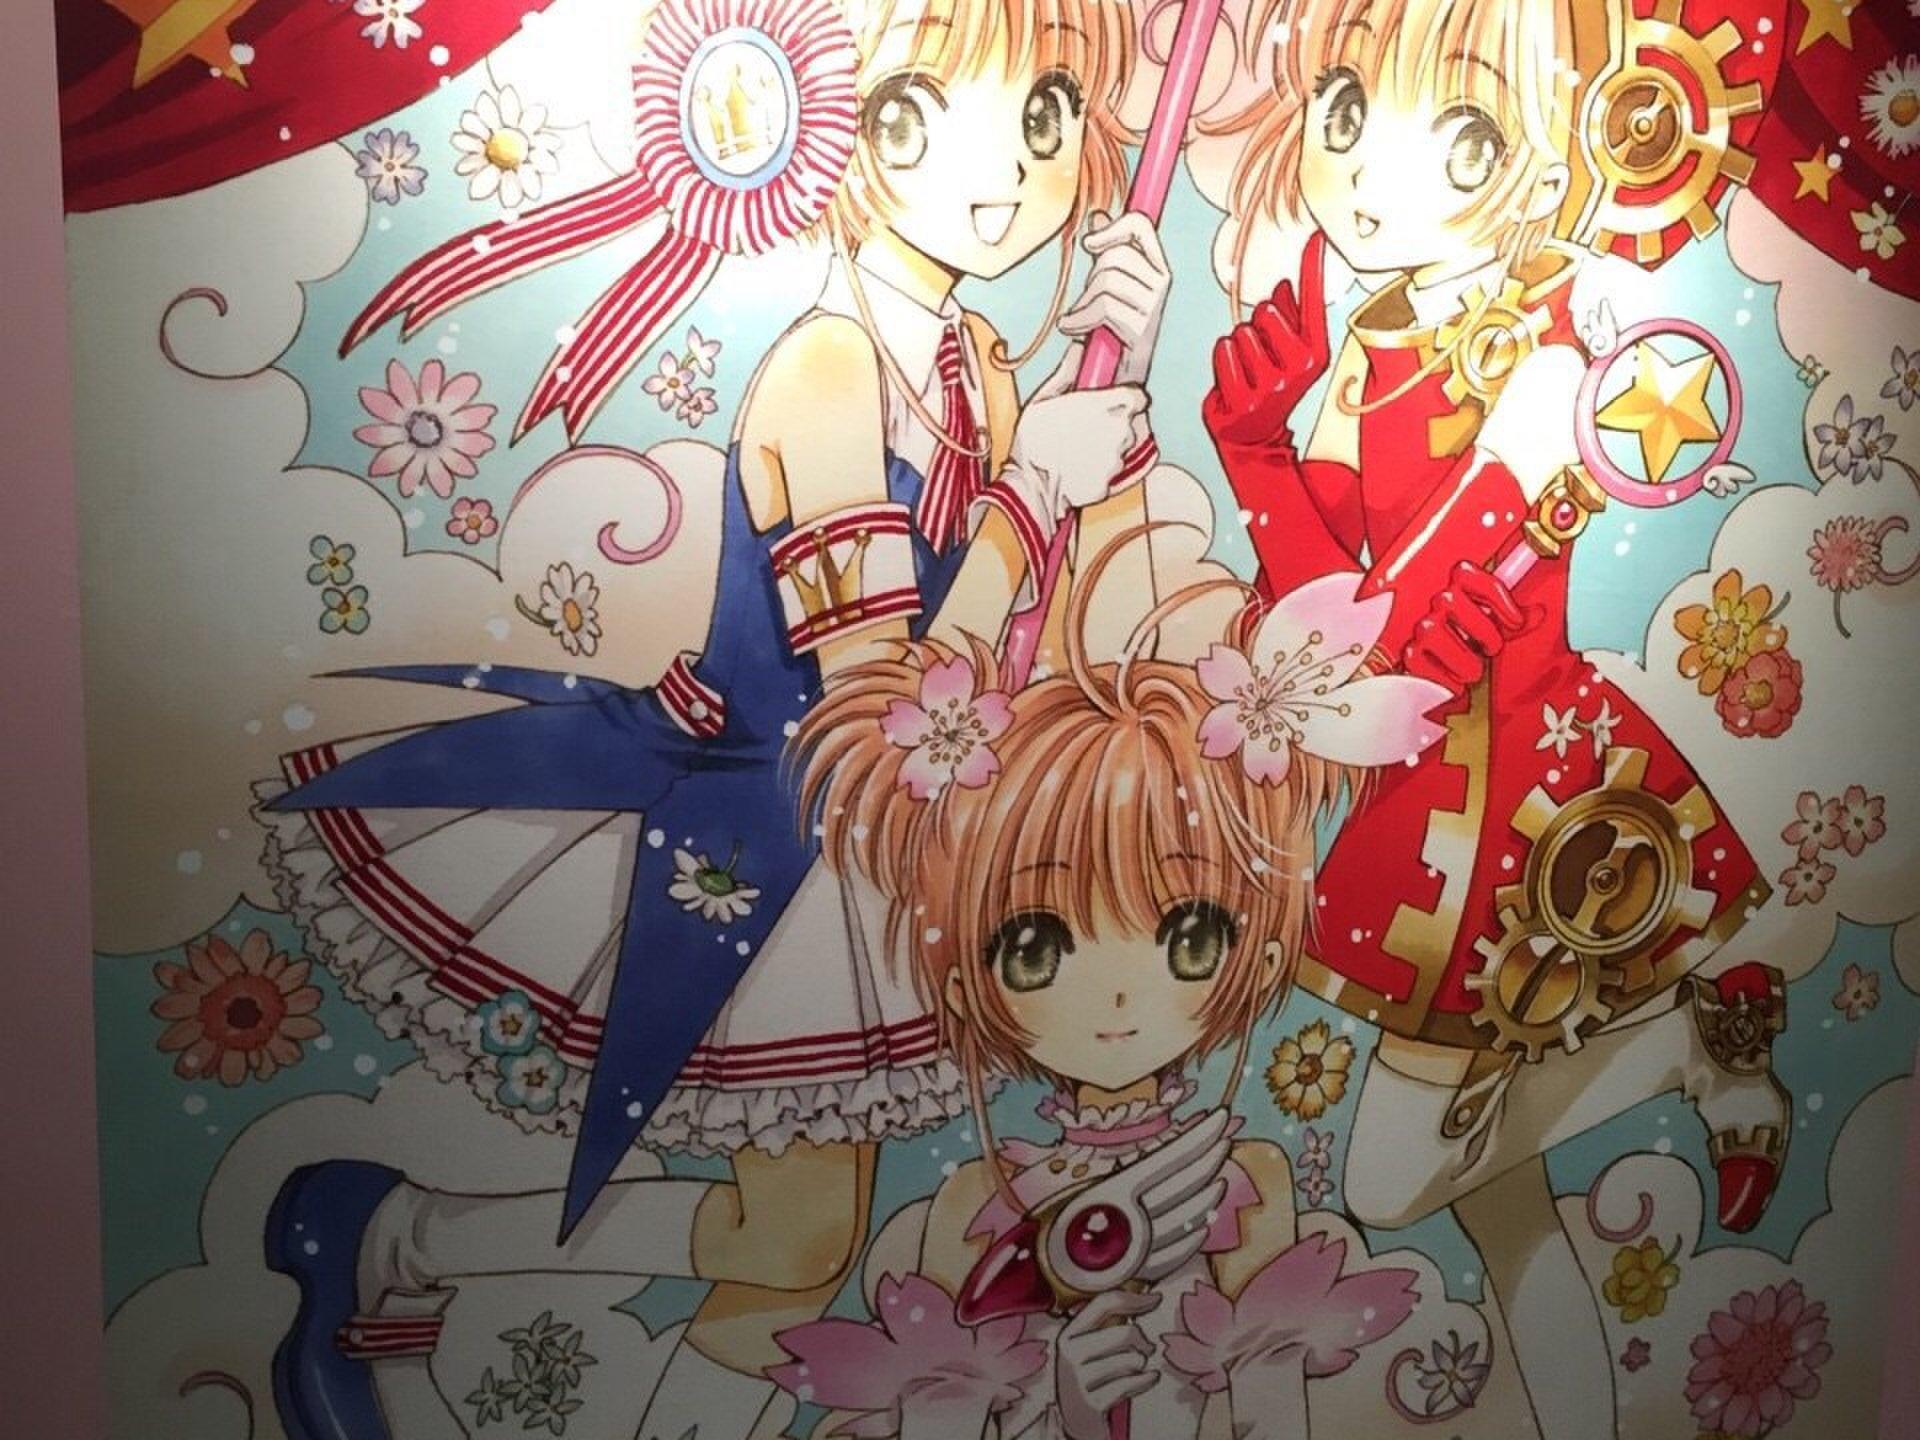 期間限定『カードキャプターさくら』の原画展が東京ソラマチに?!♡